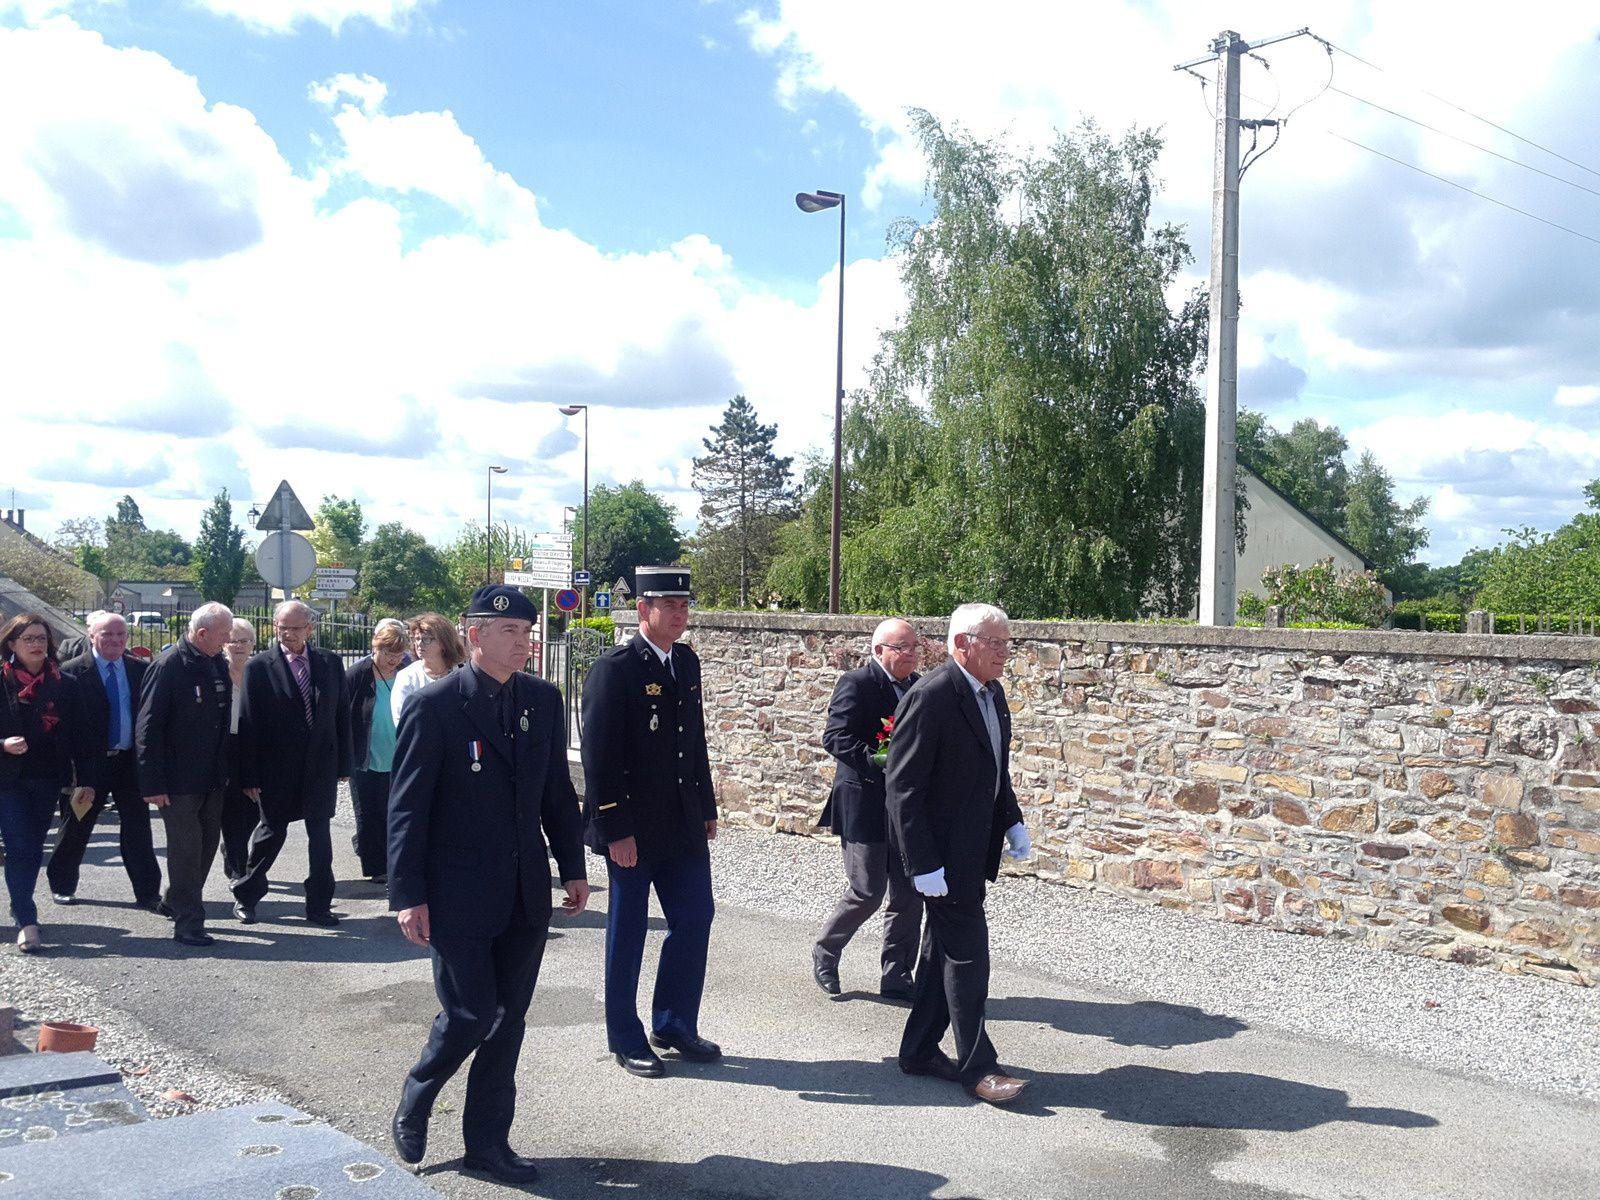 Remise d'insignes Soldats de france ce matin au Grand-Fougeray